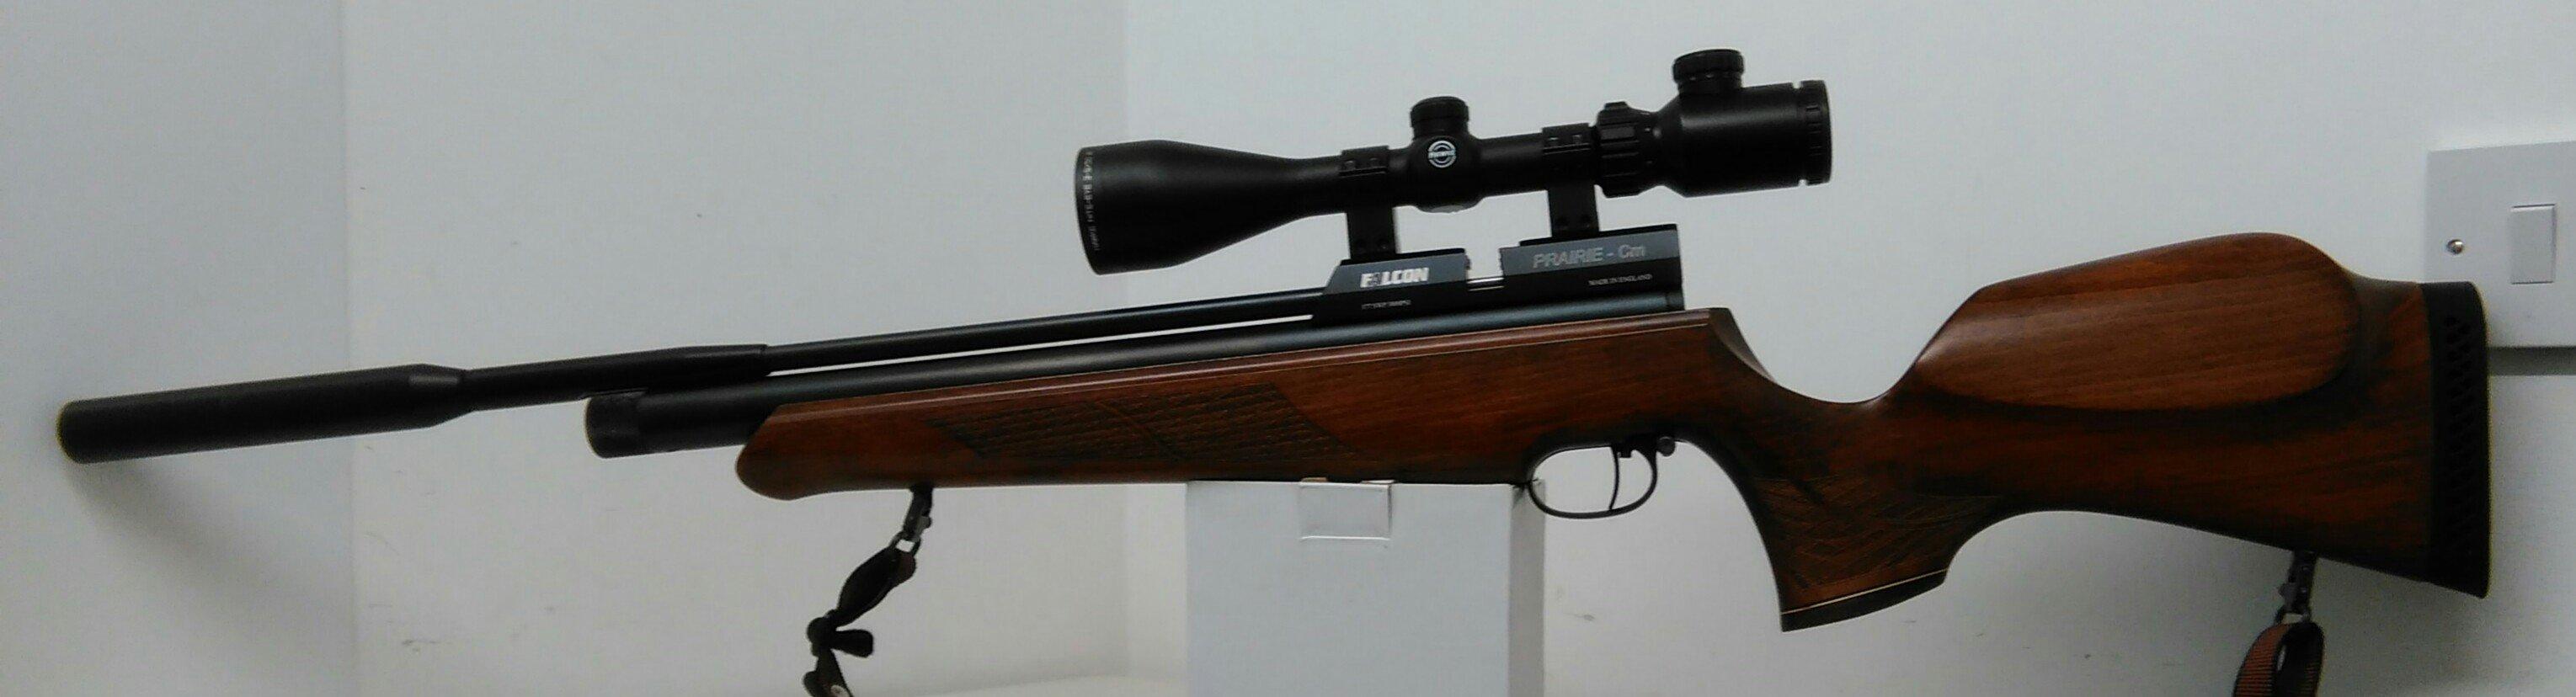 Falcon Prairie CM .177 - Now £300